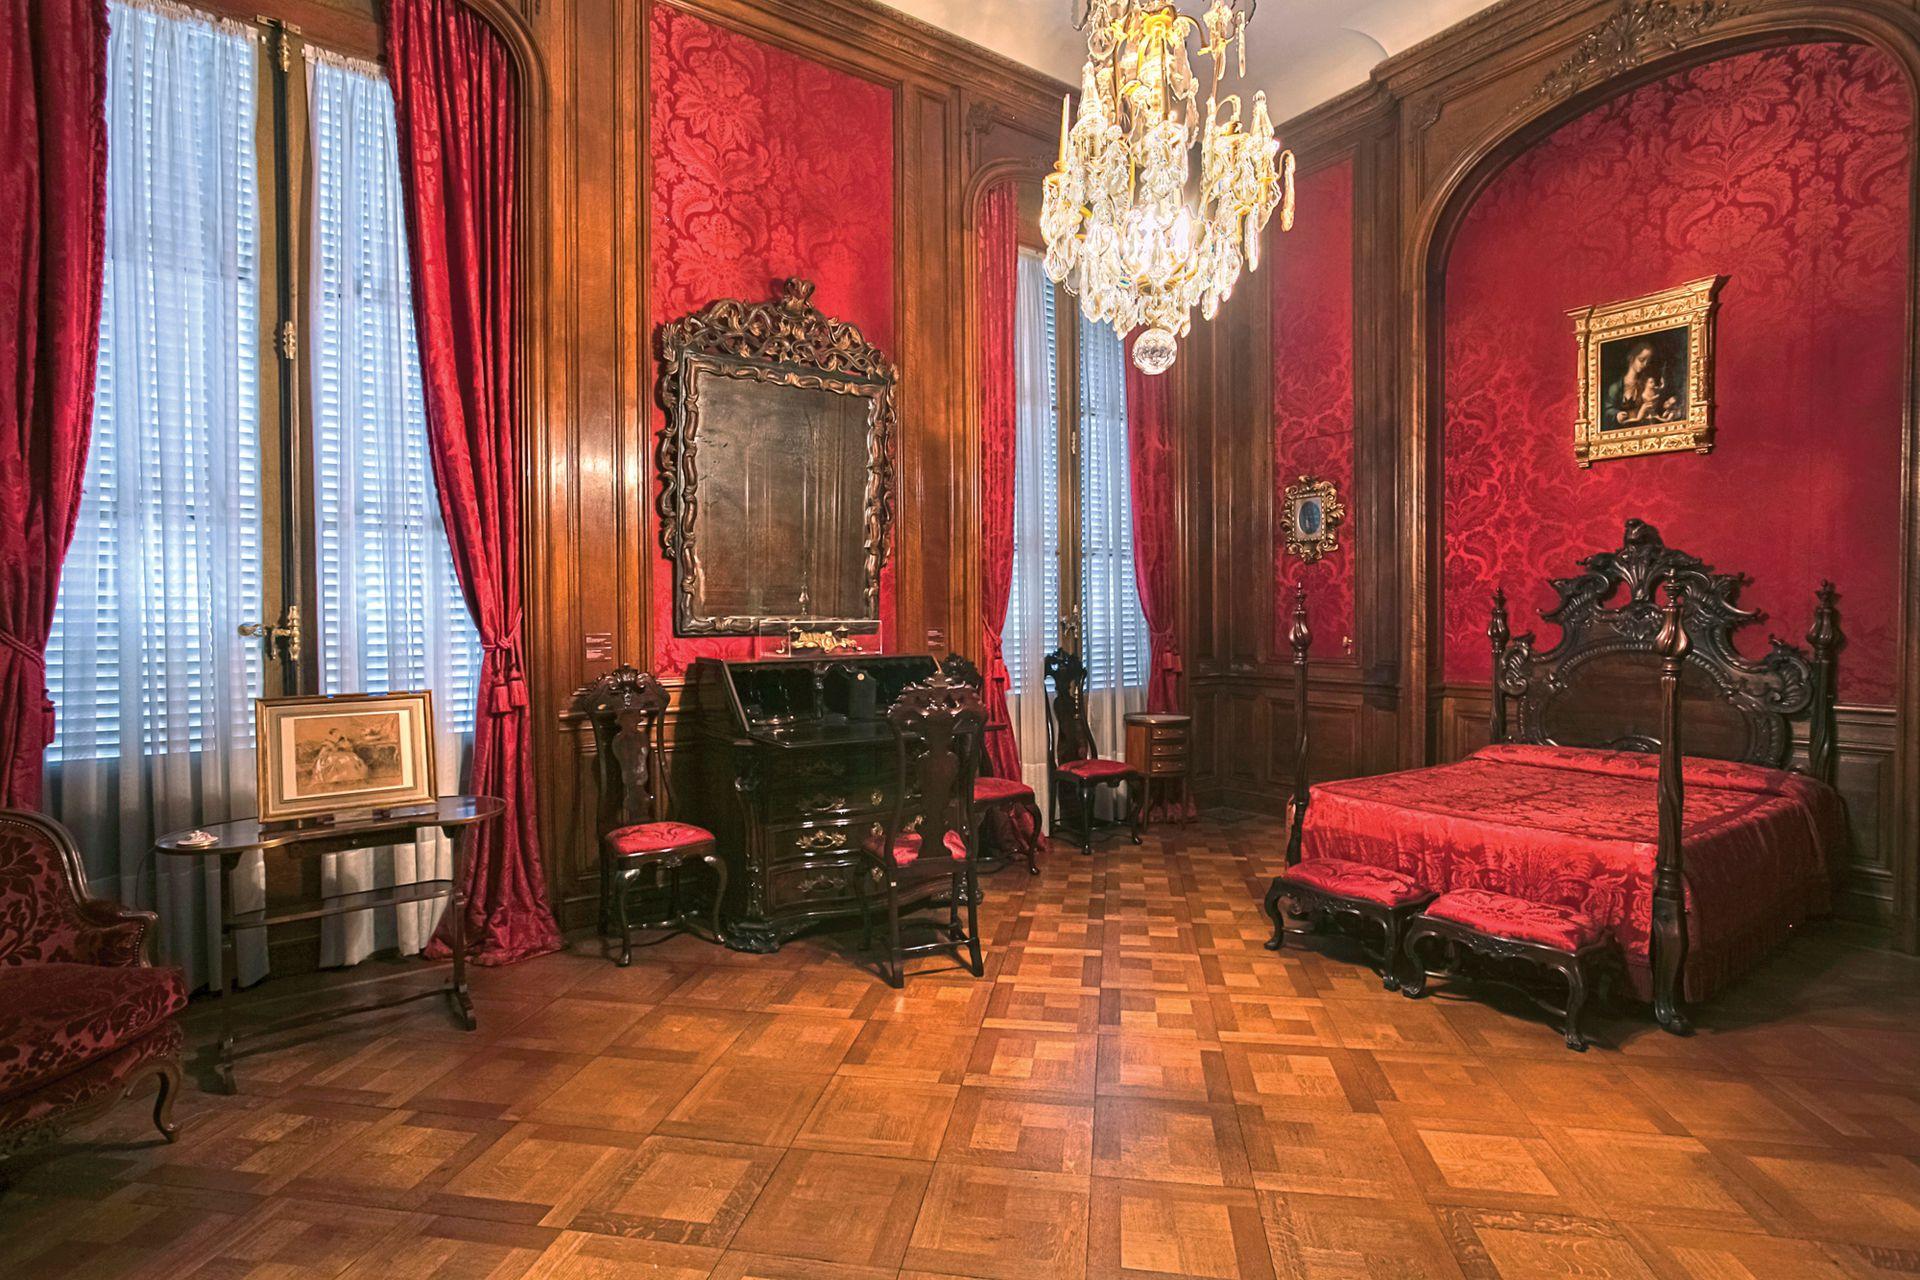 El dormitorio del dueño de casa data de la segunda mitad del siglo XVIII y su estilo es rococó francés.